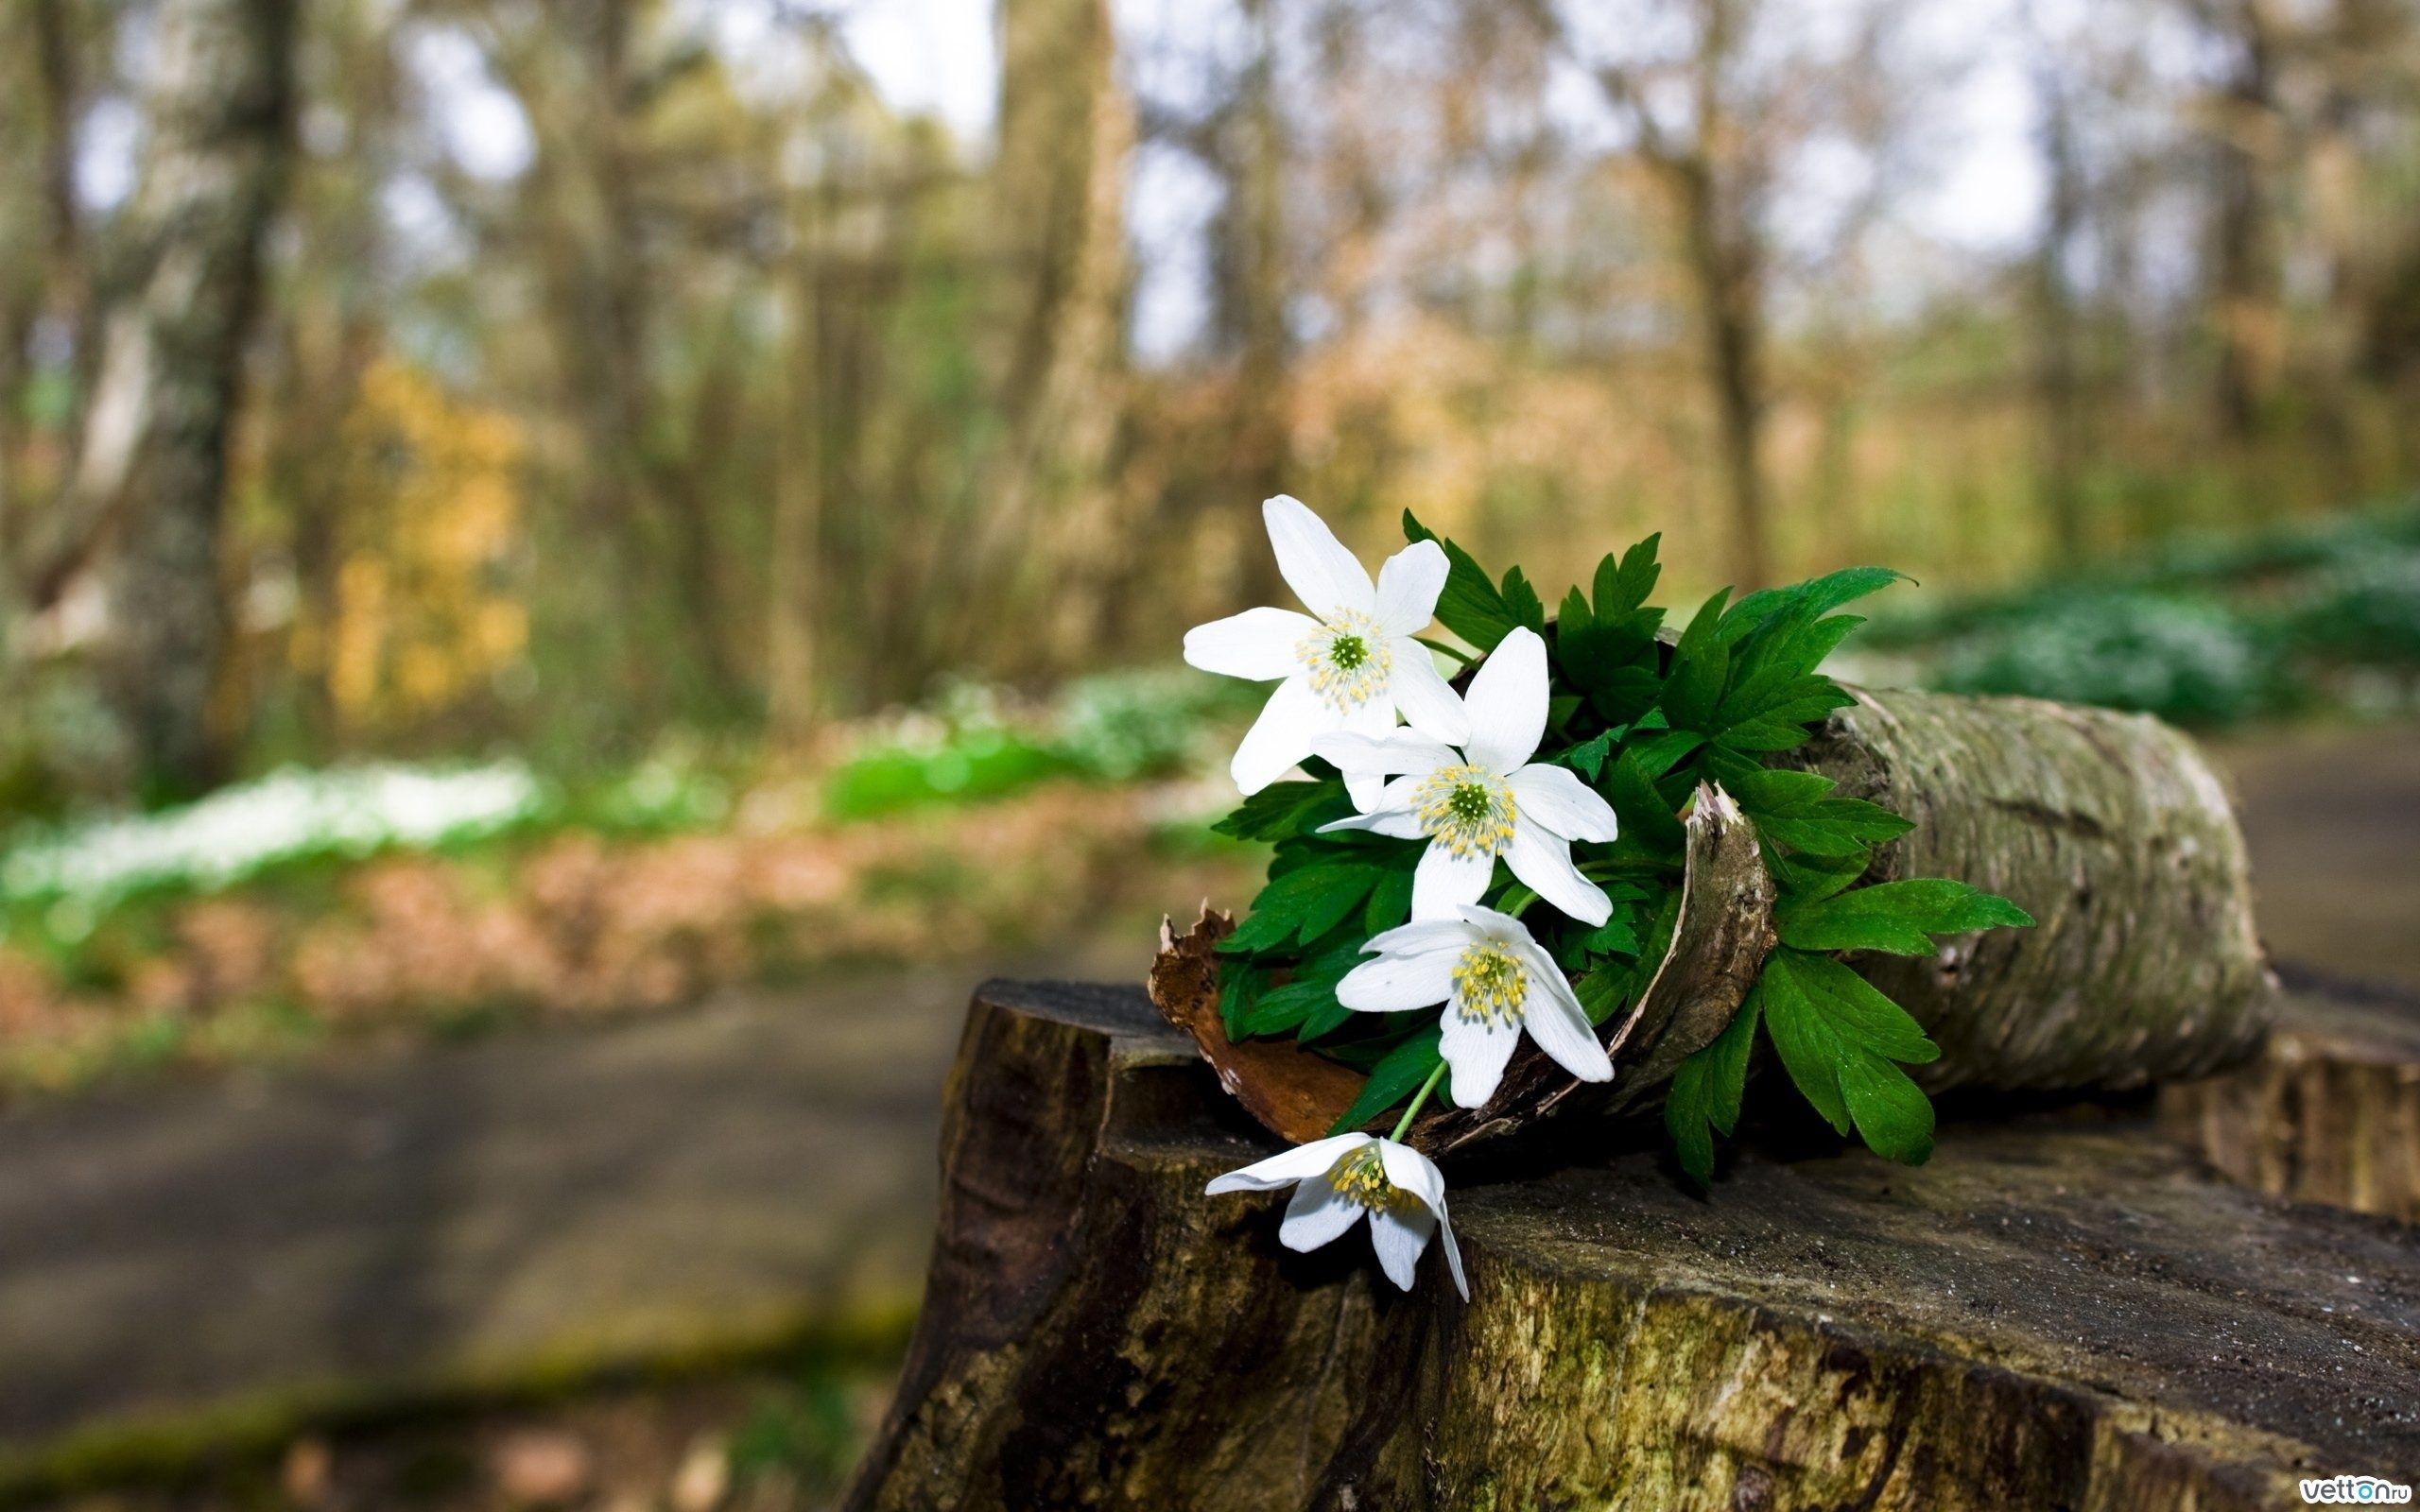 Fondos De Pantalla Hd Flores: Fondos De Flores Silvestres Para Fondo De Pantalla En 4K